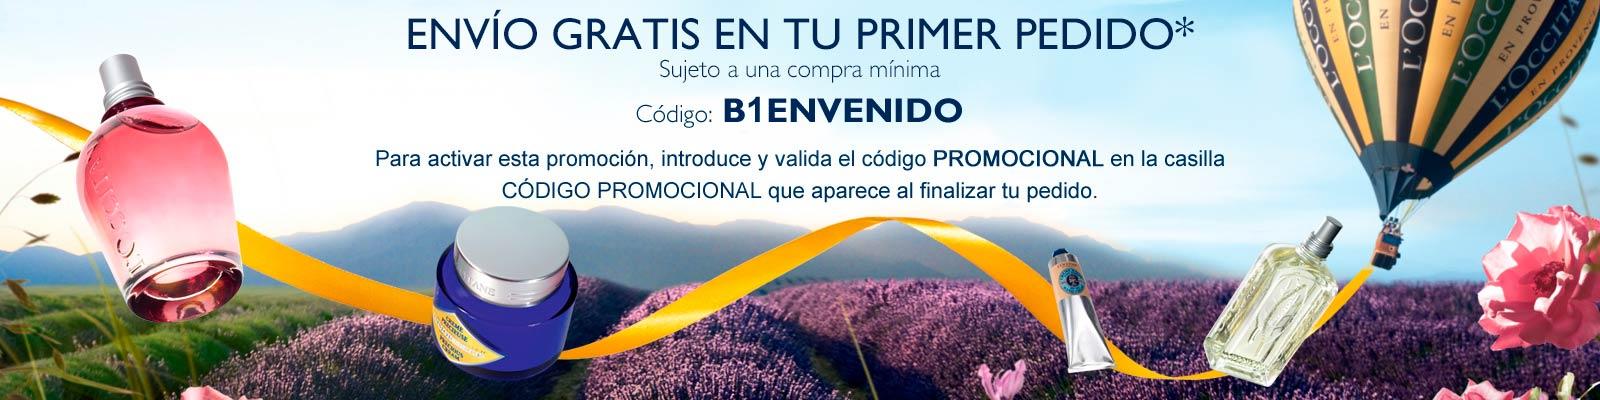 Promoción de Bienvenida